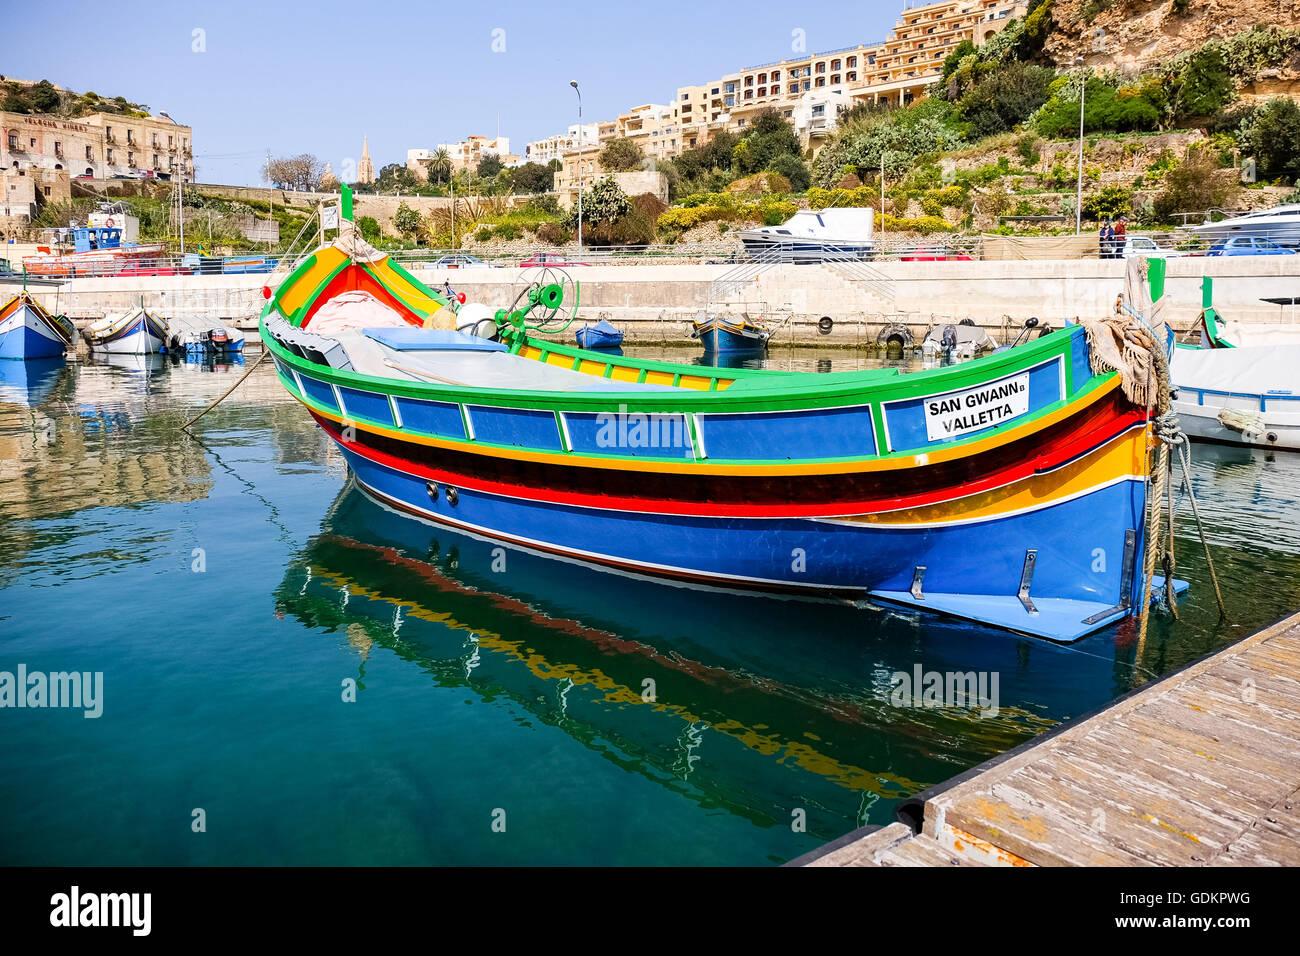 MGARR, isola di Gozo, isole maltesi - 17 Aprile 2015:Marsaxlokk, un tradizionale villaggio maltese di barca da pesca, Immagini Stock